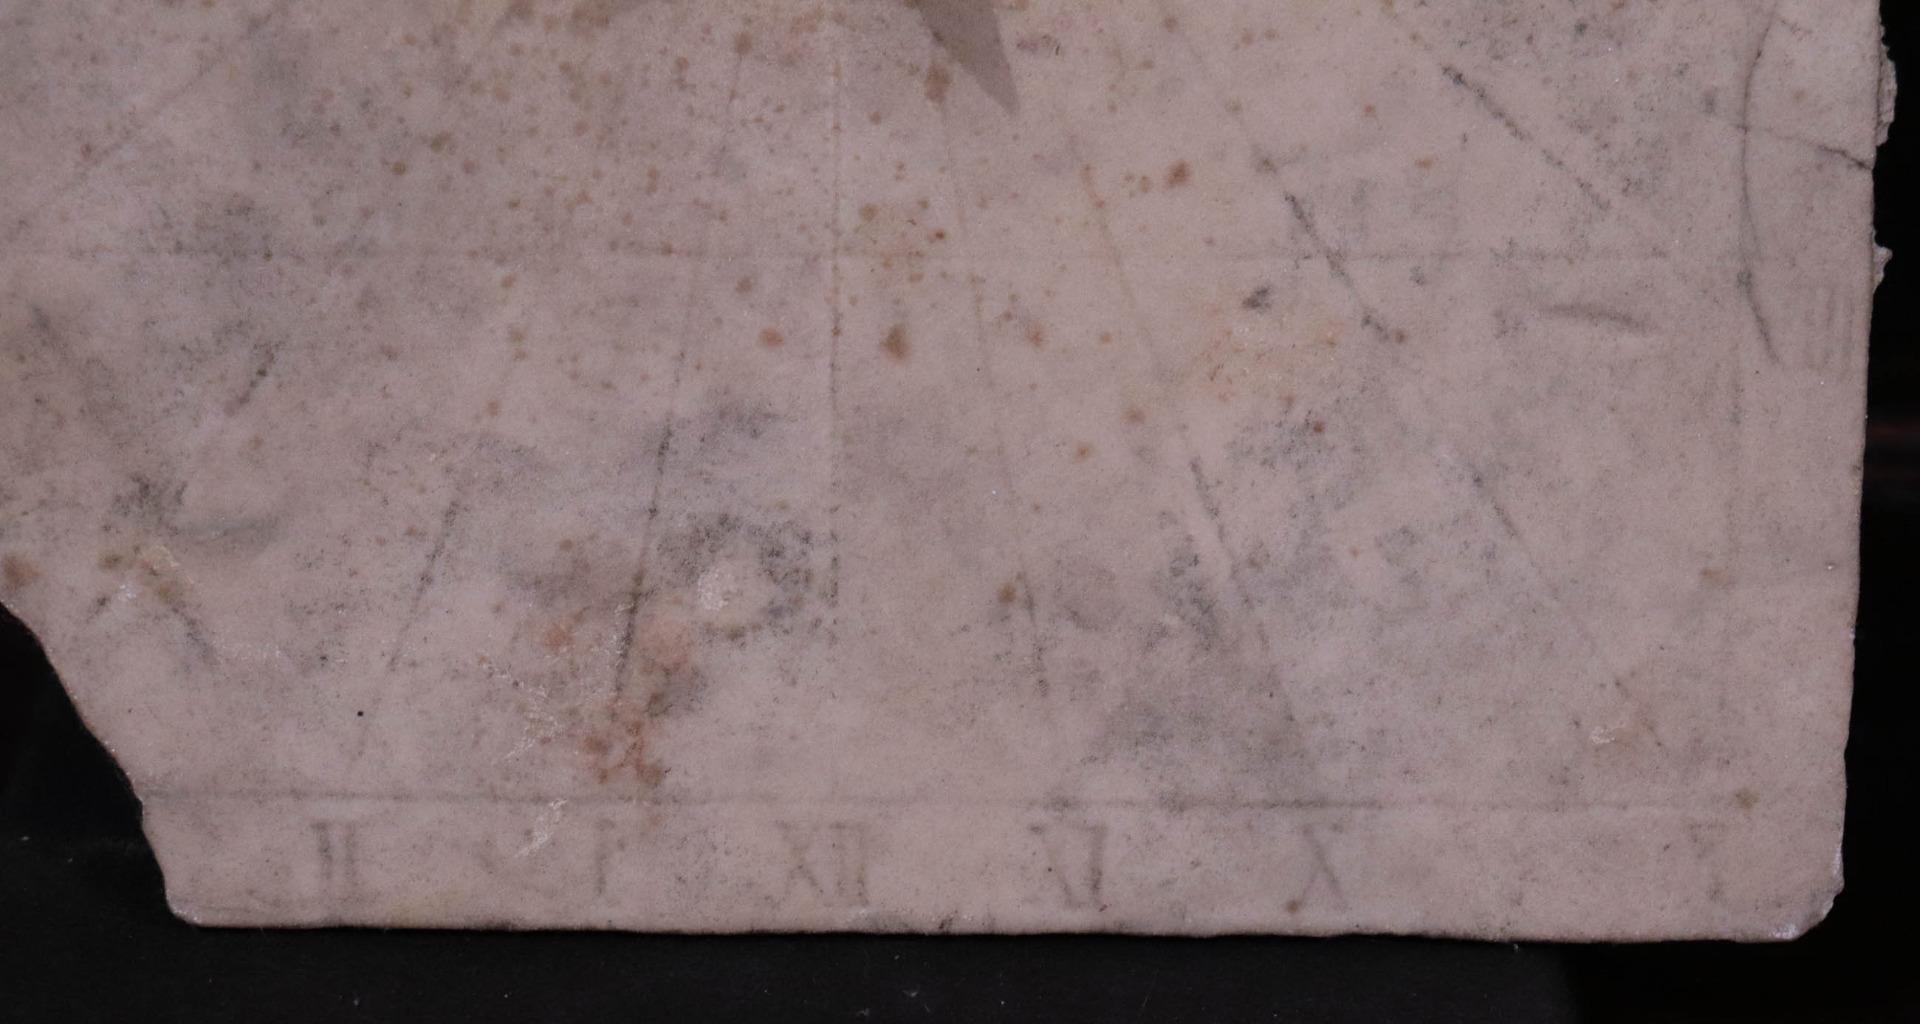 thumb5|Meridiana in marmo, Toscana, Sec. XVII